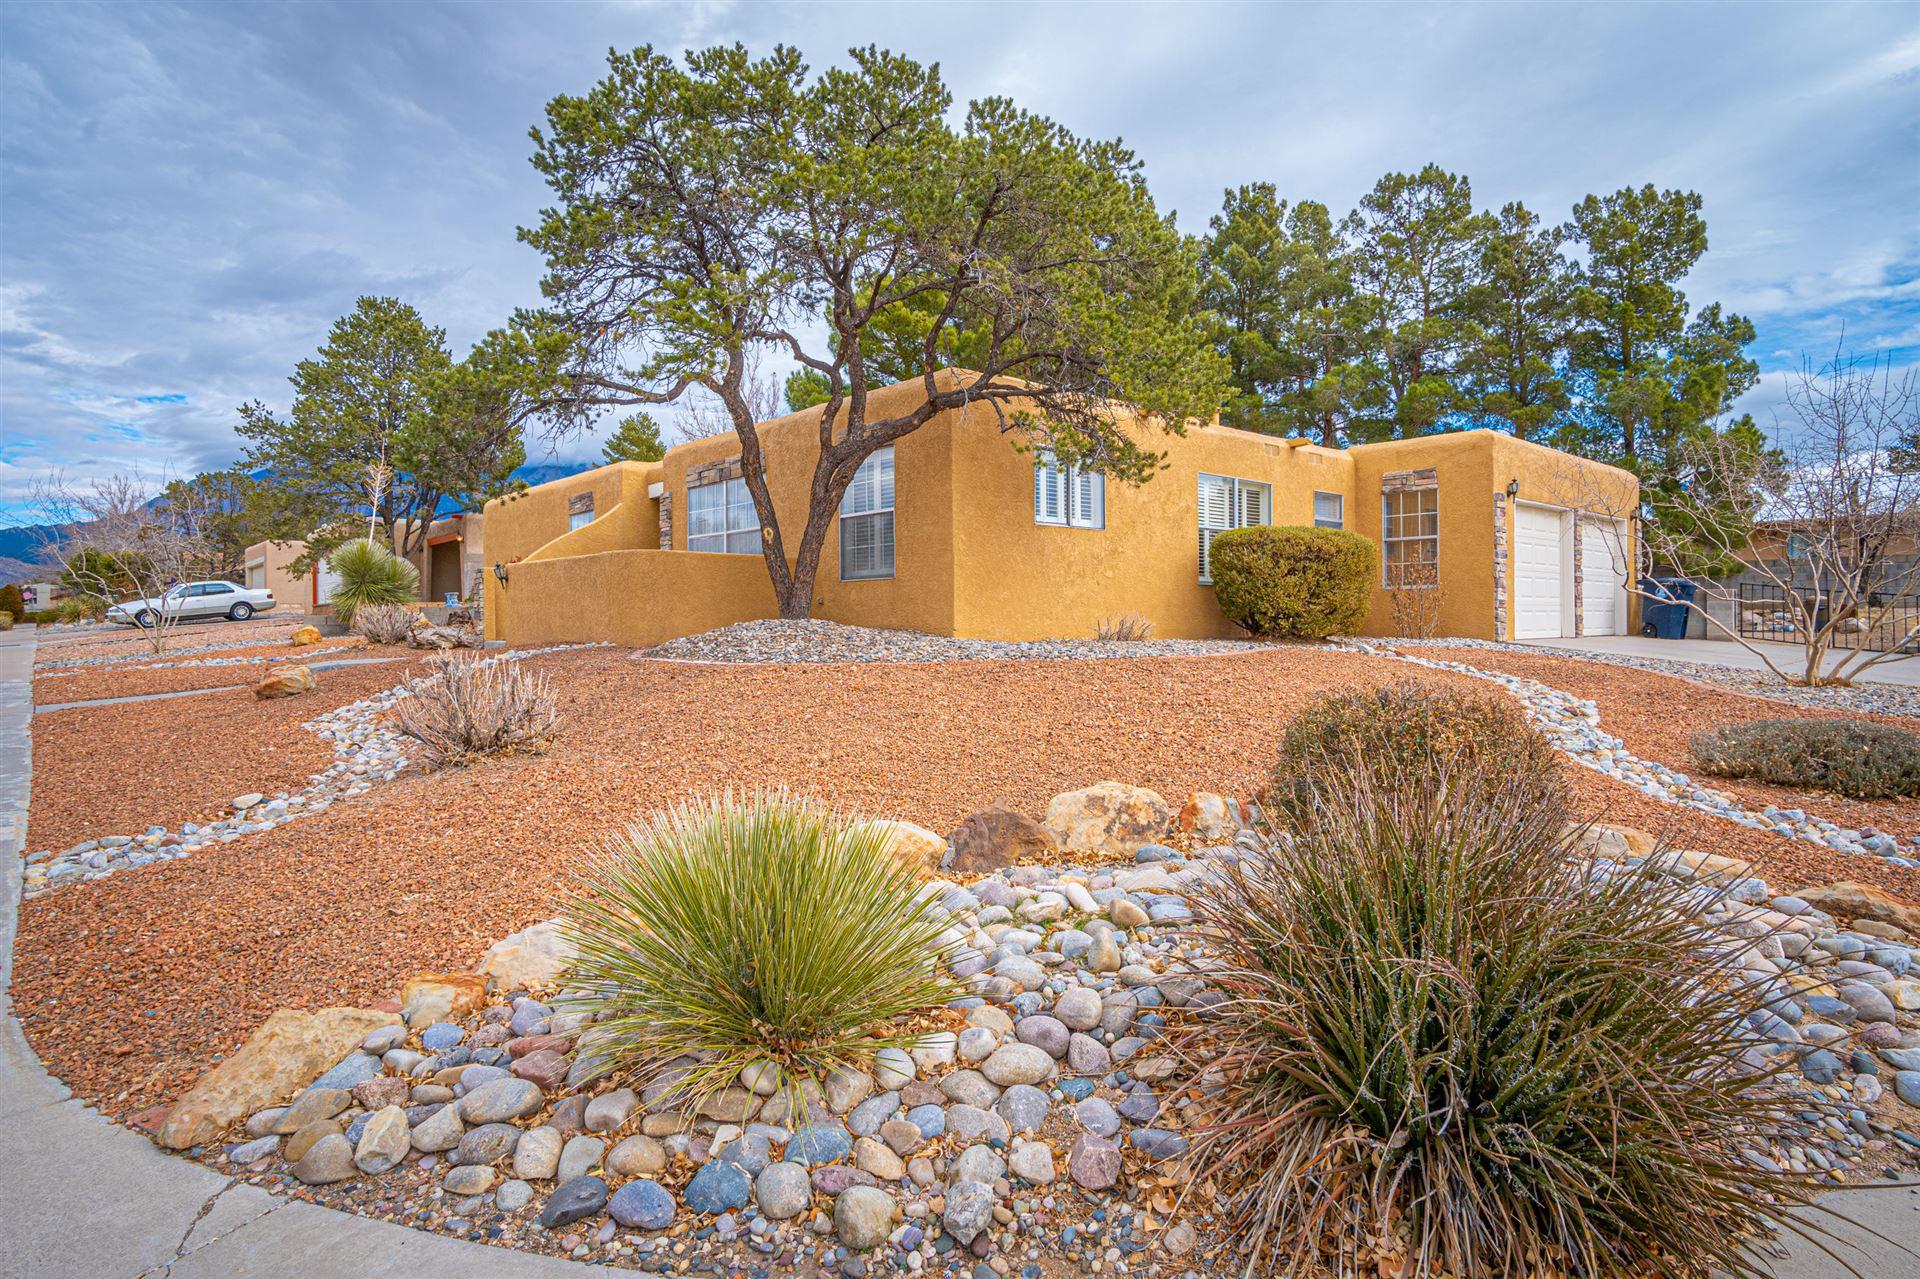 8620 Plymouth Rock Rd NE, Albuquerque, NM 87109 - MLS#: 989342